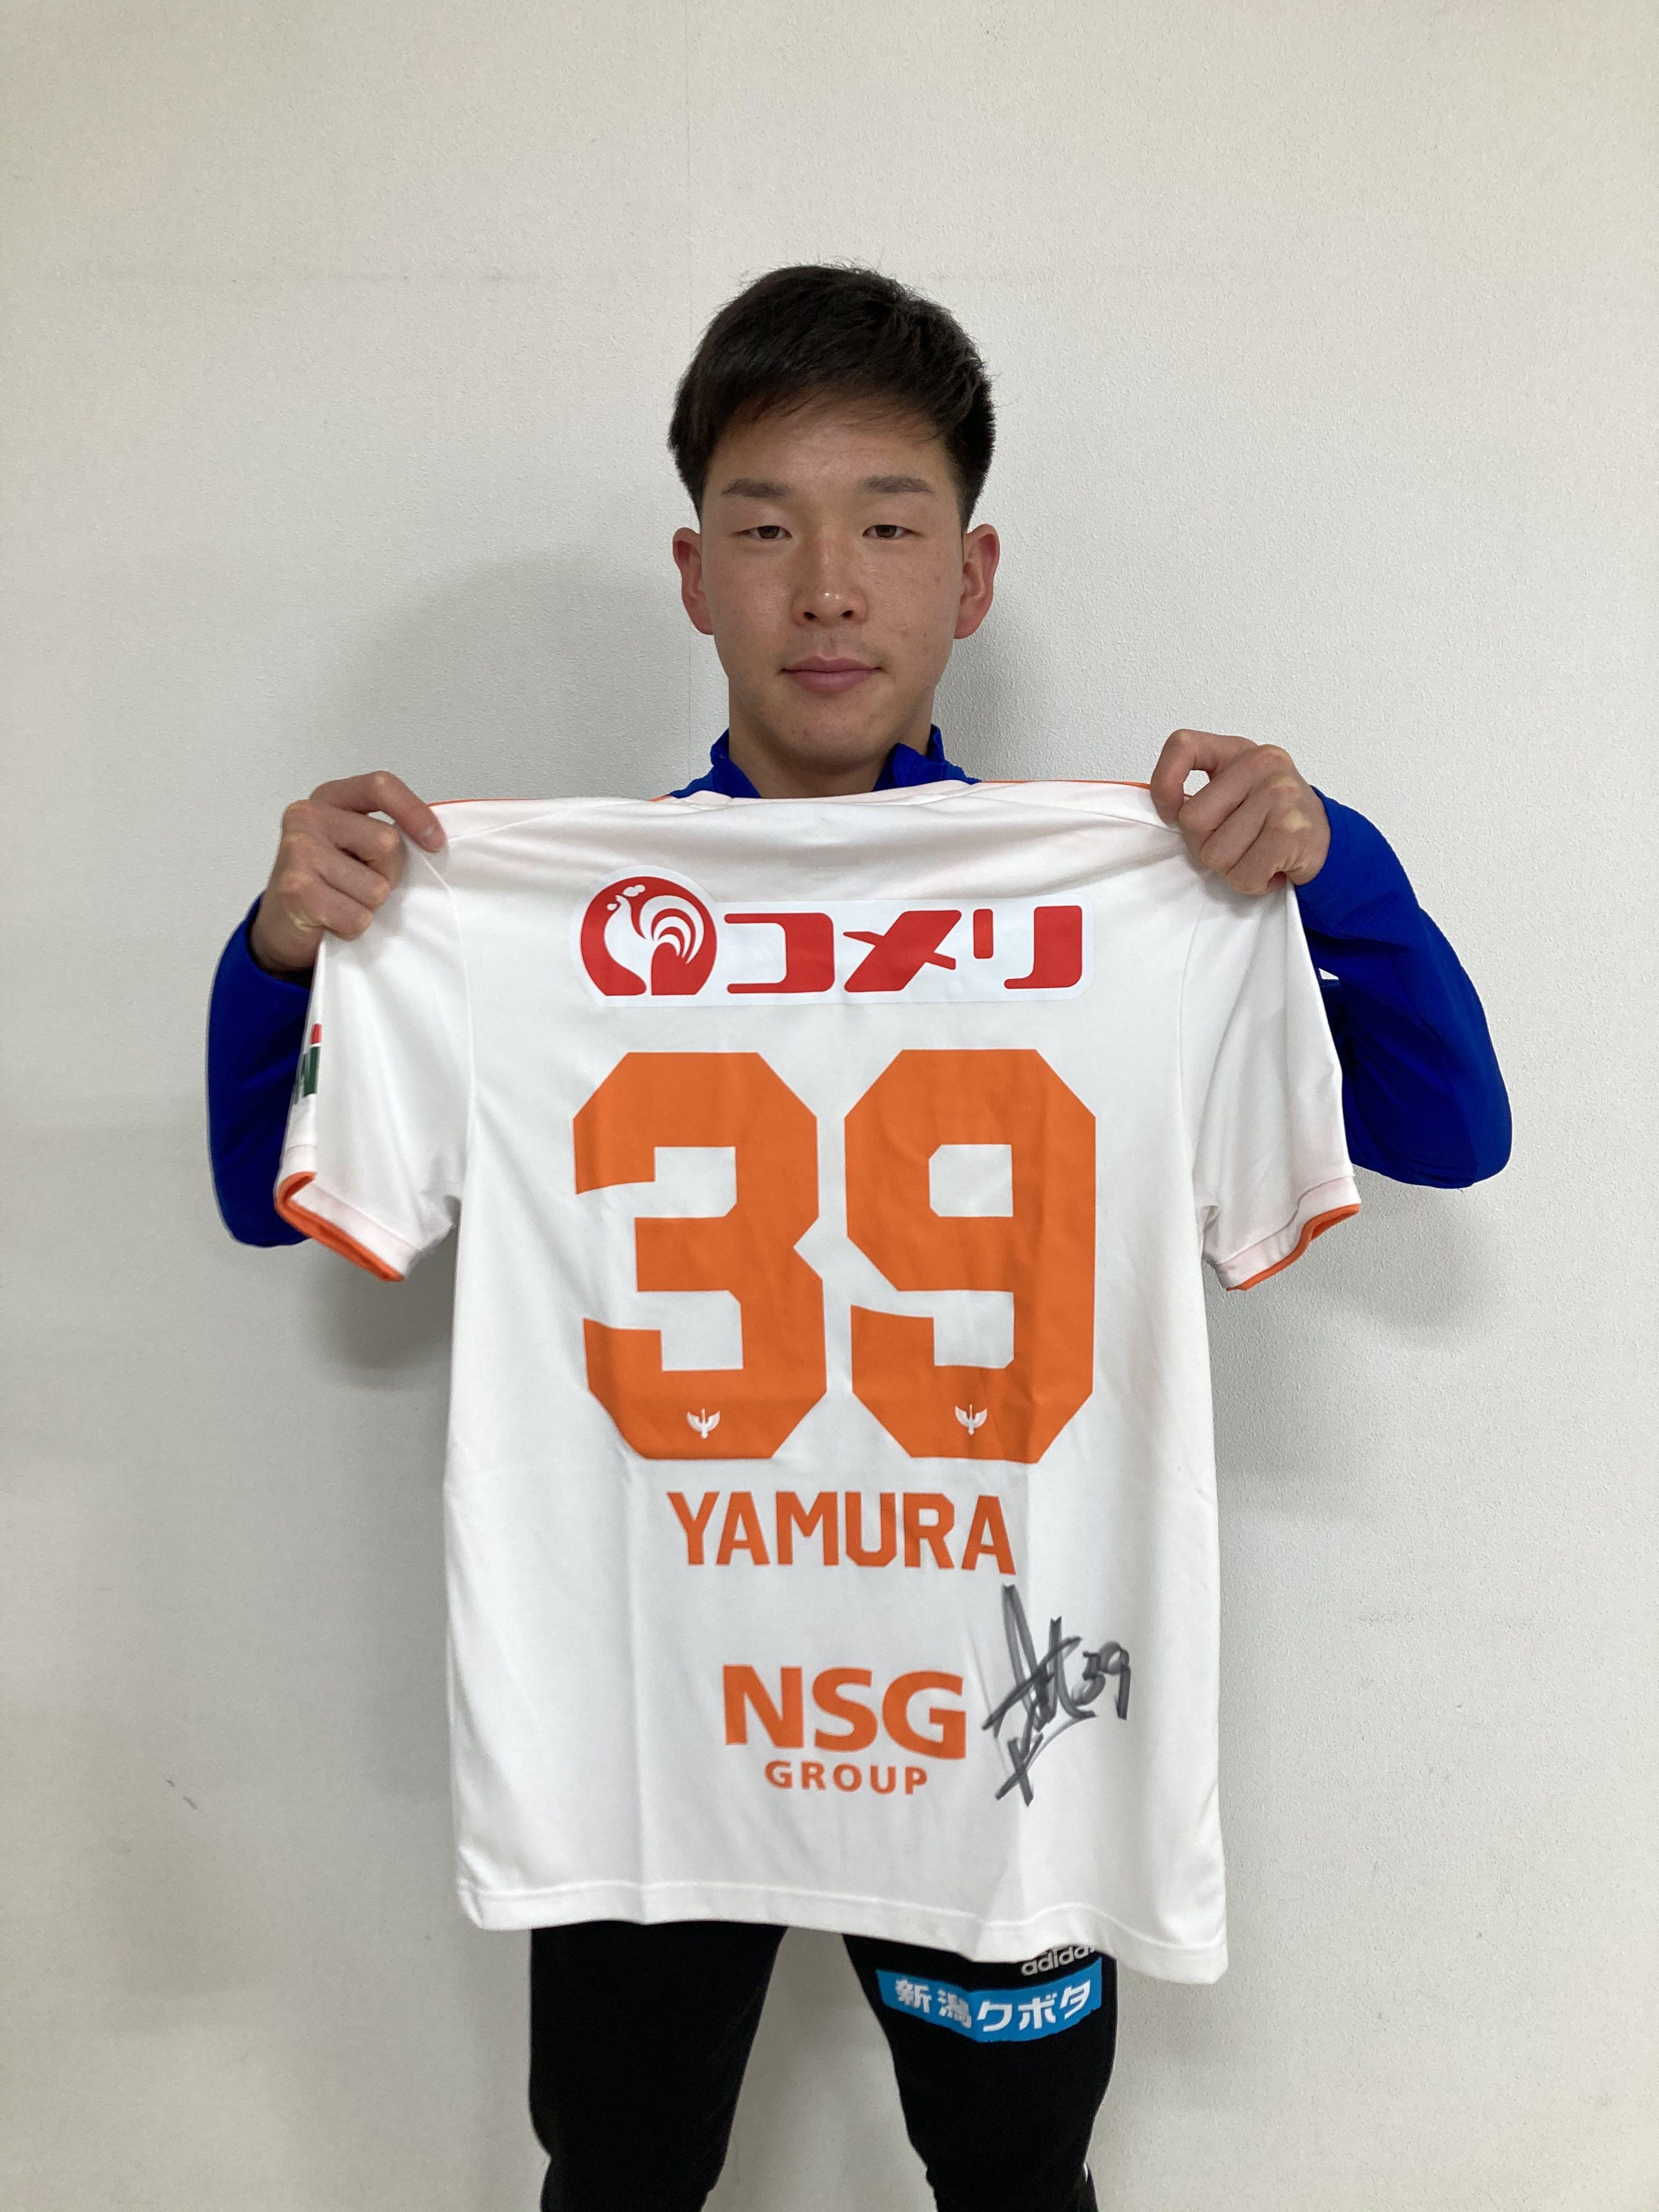 【公式】実使用・本人直筆サイン入「2020シーズン2ndユニフォーム」矢村 健